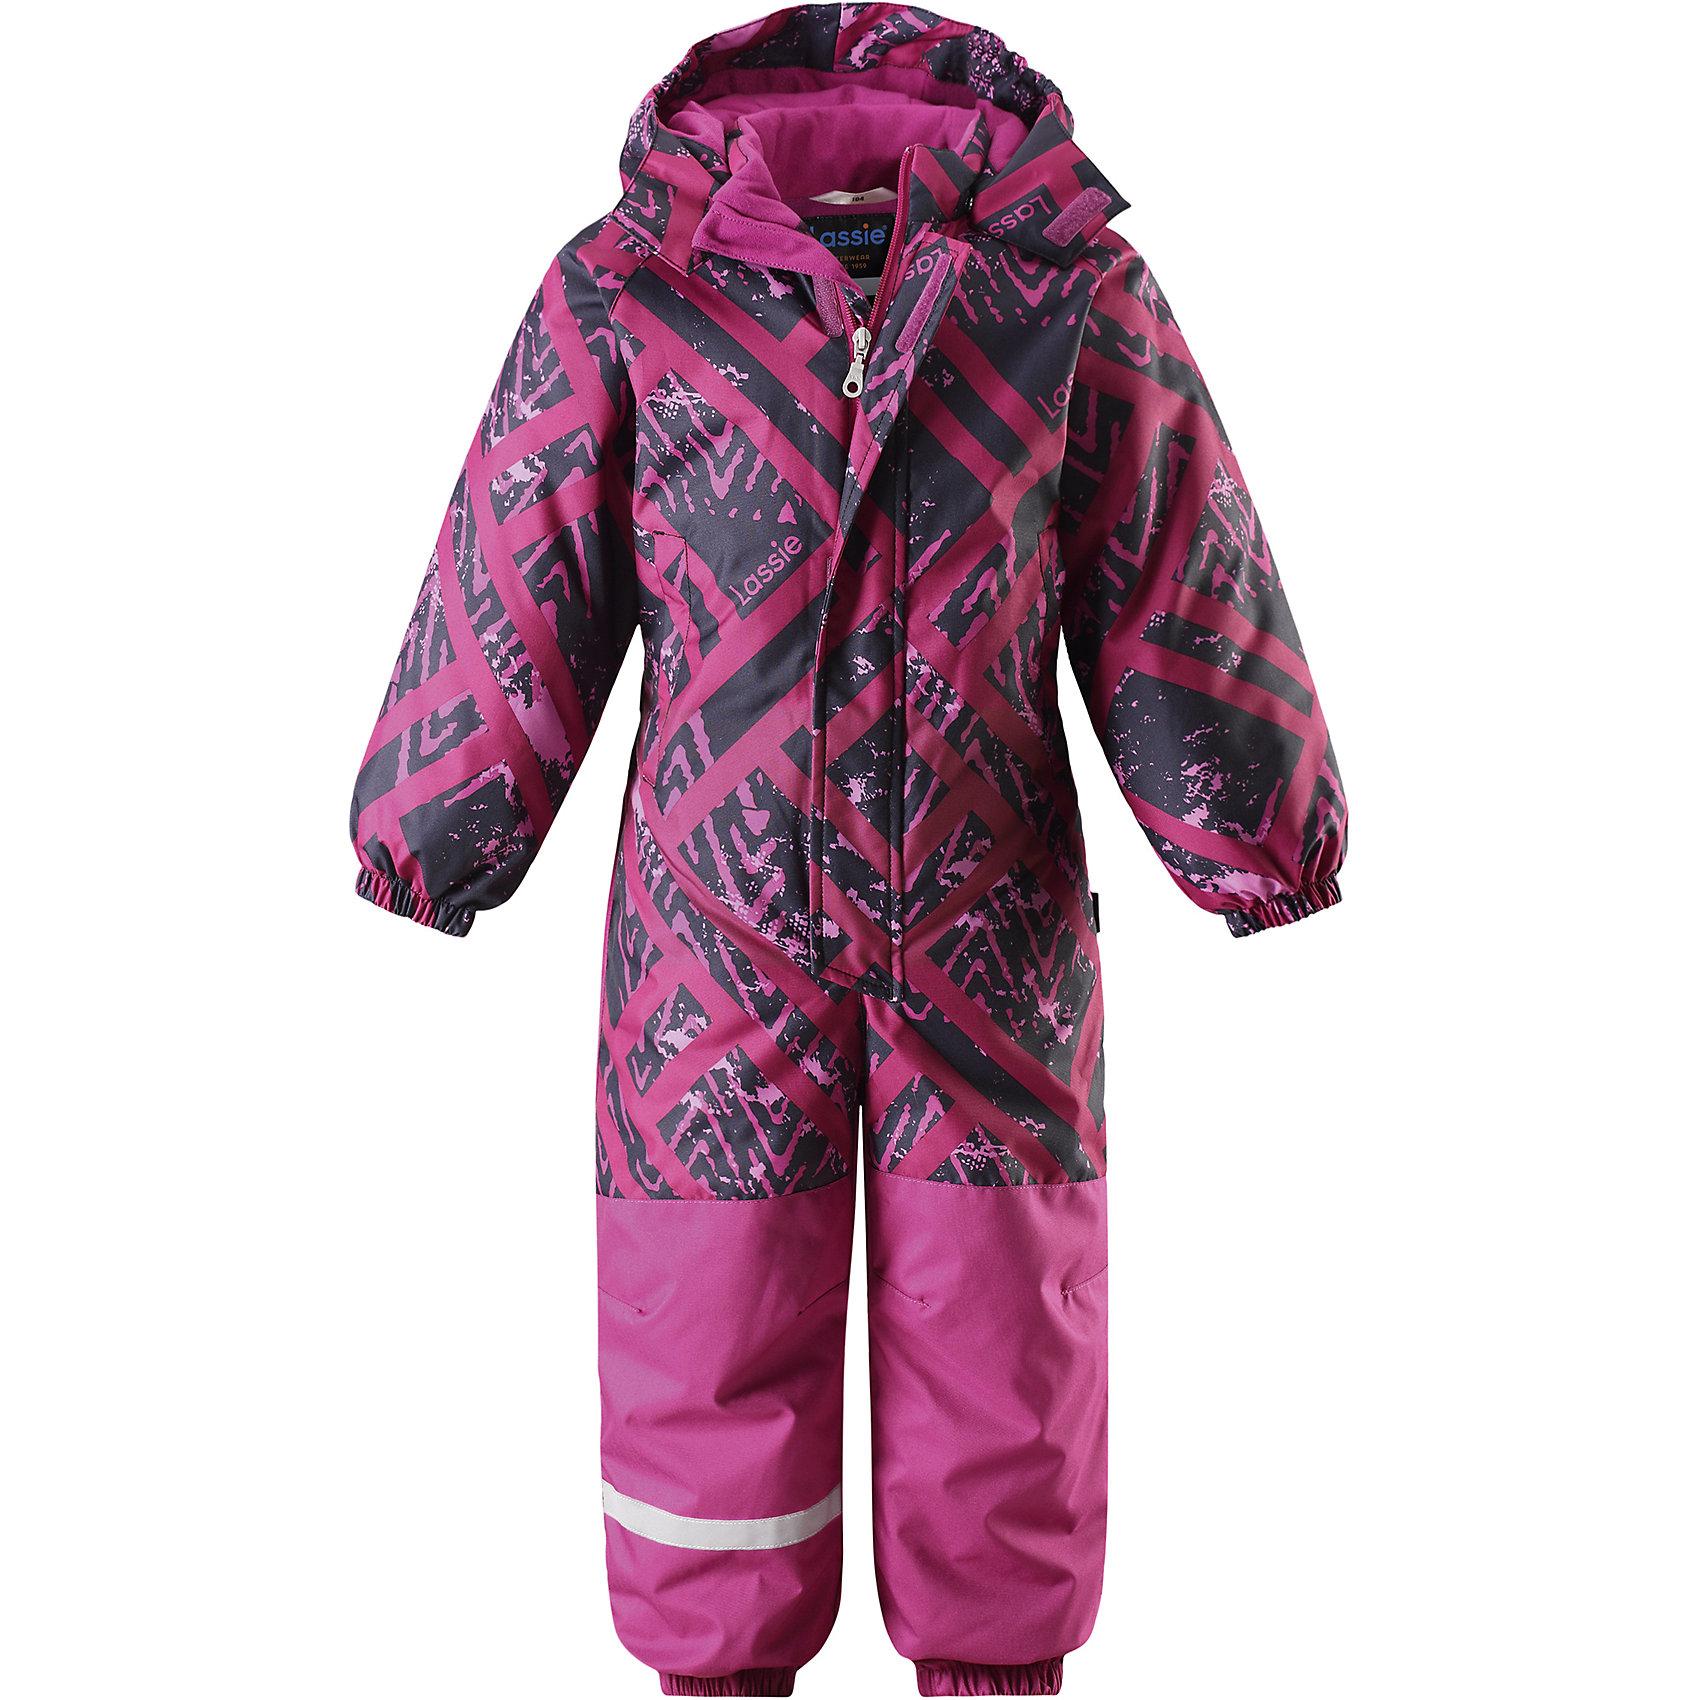 Комбинезон LassieОдежда<br>Характеристики товара:<br><br>• цвет: розовый;<br>• состав: 100% полиэстер, полиуретановое покрытие;<br>• подкладка: 100% полиэстер;<br>• утеплитель: 180 г/м2;<br>• сезон: зима;<br>• температурный режим: от 0 до -20С;<br>• водонепроницаемость: 1000 мм;<br>• воздухопроницаемость: 1000 мм;<br>• износостойкость: 50000 циклов (тест Мартиндейла)<br>• застежка: молния с дополнительной защитной планкой;<br>• сверхпрочный материал;<br>• водоотталкивающий, ветронепроницаемый и дышащий материал;<br>• задний серединный шов проклеен;<br>• гладкая подкладка из полиэстера;<br>• безопасный съемный капюшон на кнопках; <br>• эластичная талия, манжеты рукавов и низ штанин;<br>• съемные эластичные штрипки;<br>• два прорезных кармана на липучке;<br>• светоотражающие детали;<br>• страна бренда: Финляндия;<br>• страна изготовитель: Китай;<br><br>Этот классический детский зимний комбинезон с капюшоном – превосходное дополнение к зимнему гардеробу! Он изготовлен из сверхпрочного материала и поэтому станет идеальным выбором для активных детей, которые любят играть на свежем воздухе. Съемный капюшон обеспечивает дополнительную безопасность и эффективно защищает щечки от морозного ветра, а съемные штрипки не дадут концам брючин задираться во время веселых игр на свежем воздухе. Обратите внимание: комбинезон снабжен удобным карманом на липучке.<br><br>Комбинезон Lassie (Ласси) можно купить в нашем интернет-магазине.<br><br>Ширина мм: 356<br>Глубина мм: 10<br>Высота мм: 245<br>Вес г: 519<br>Цвет: лиловый<br>Возраст от месяцев: 72<br>Возраст до месяцев: 84<br>Пол: Унисекс<br>Возраст: Детский<br>Размер: 122,128,92,98,104,110,116<br>SKU: 6927335